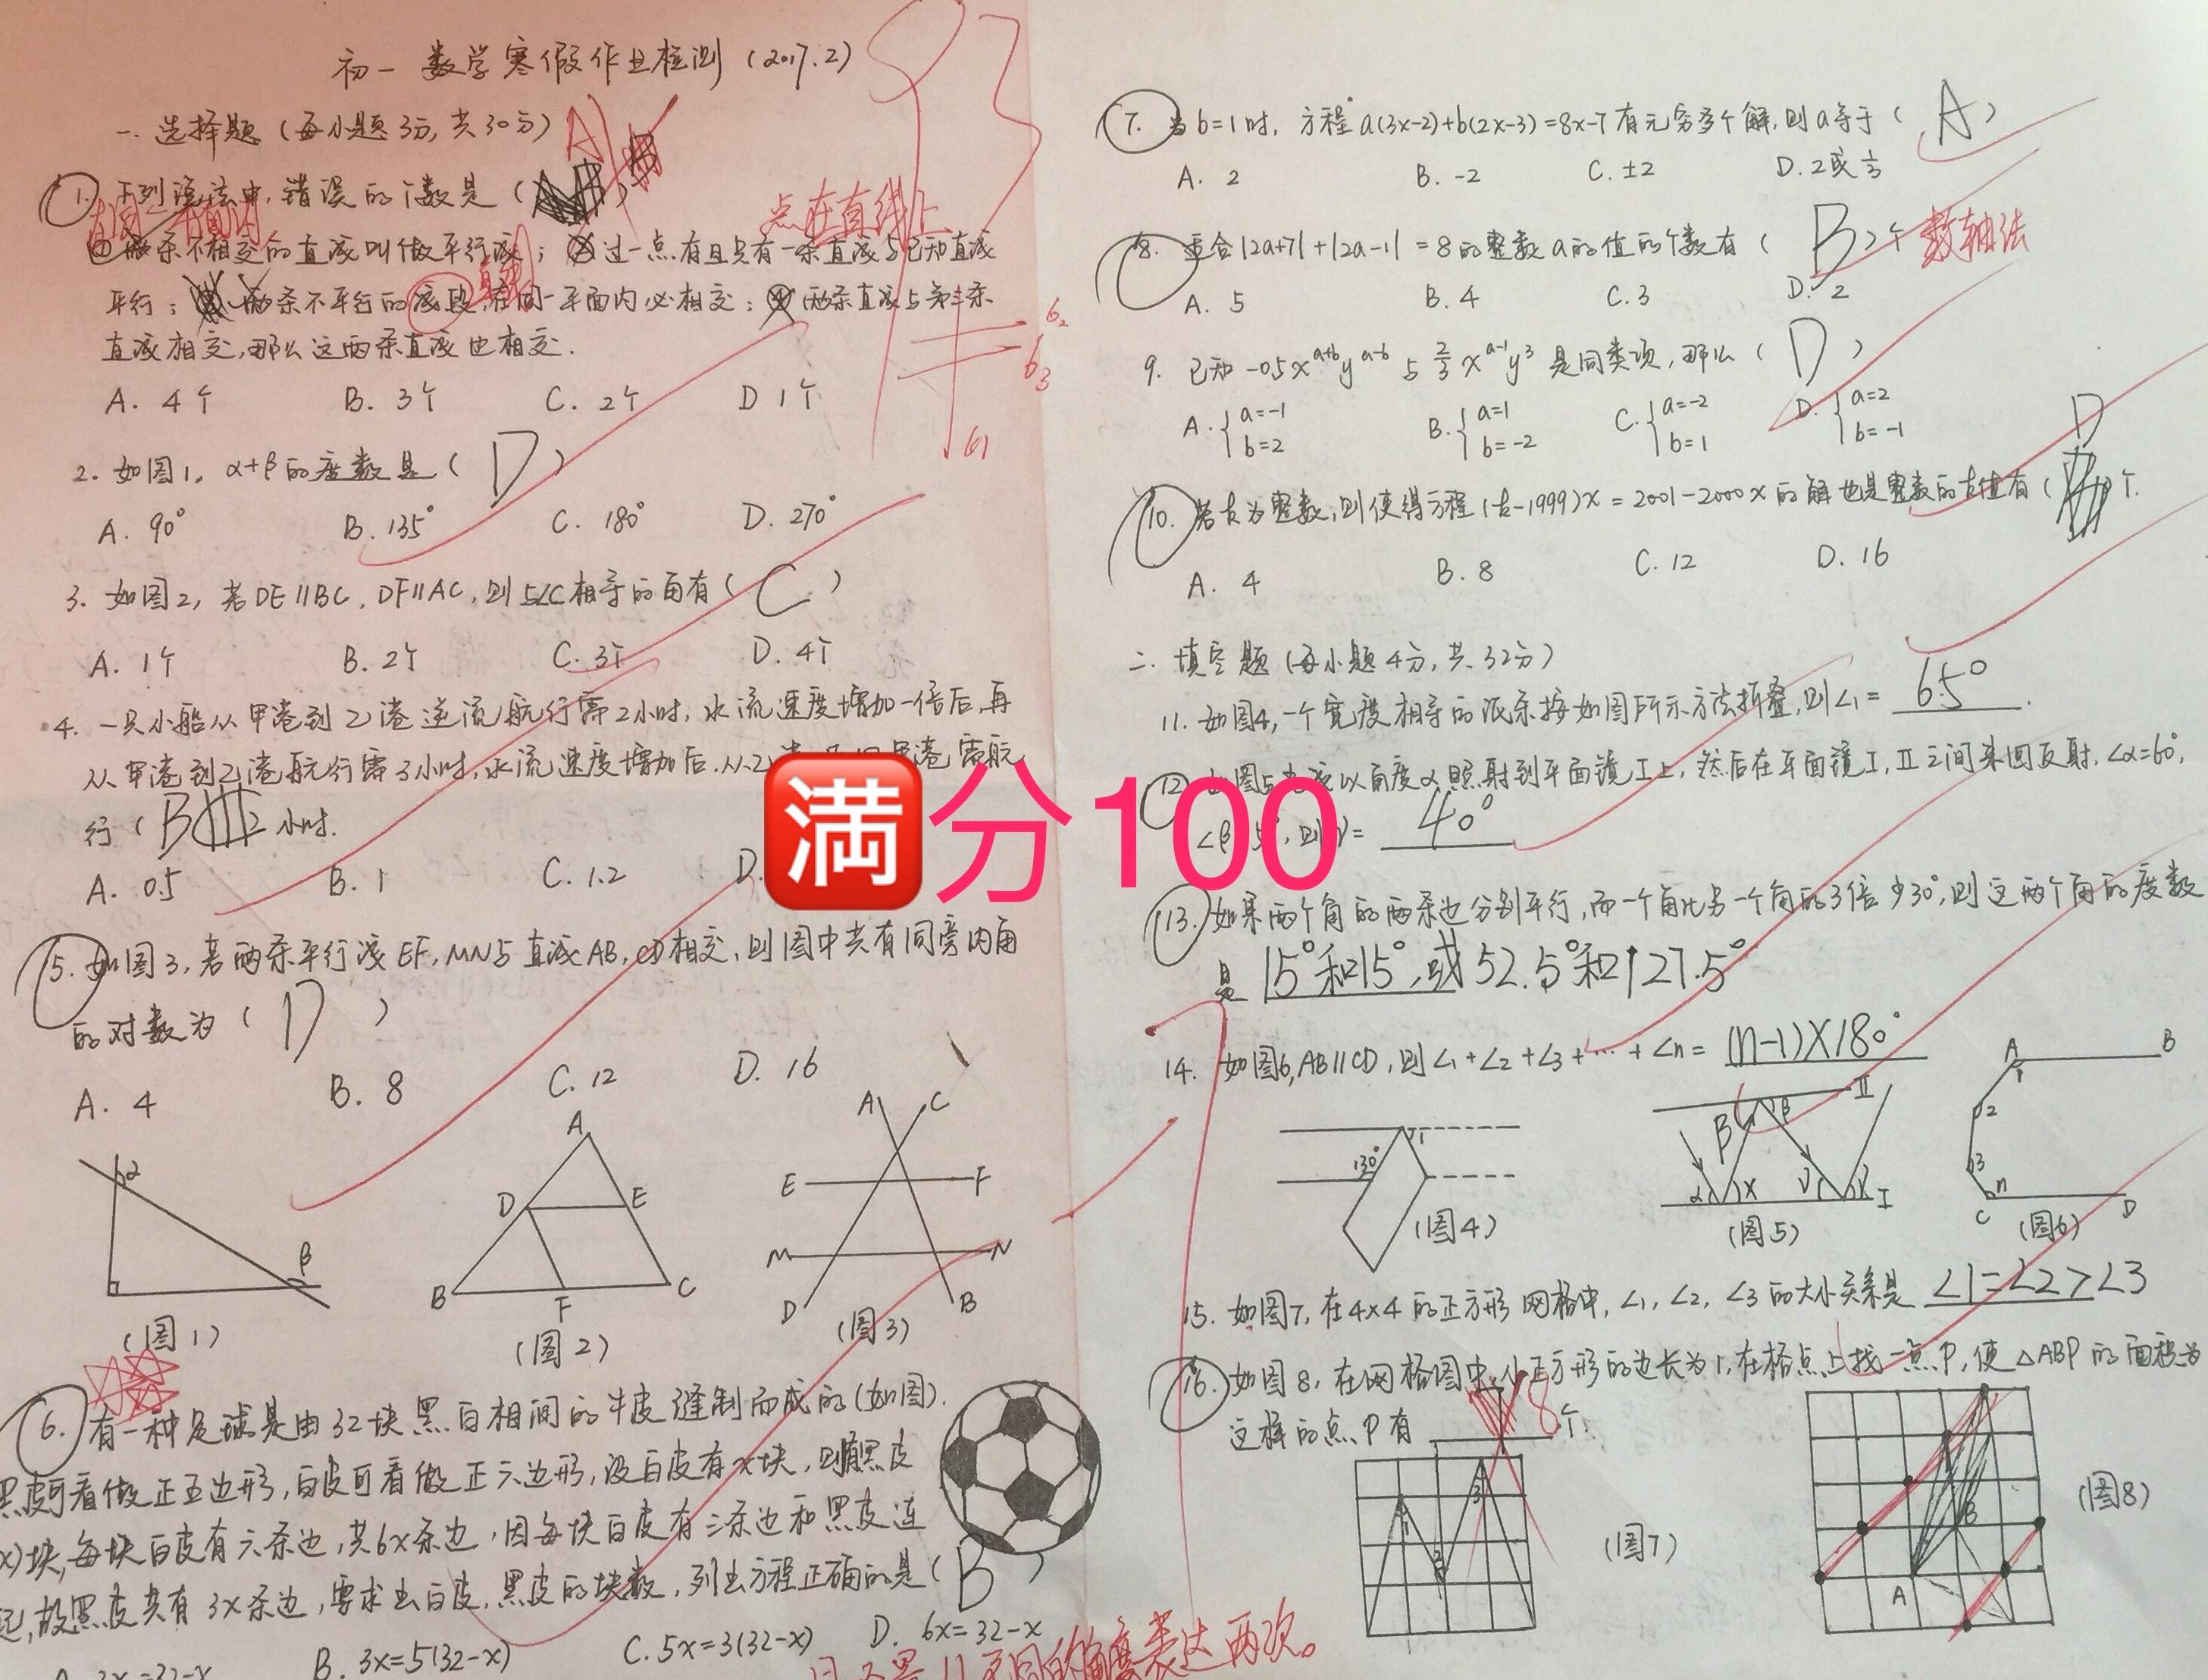 梁老师相册20